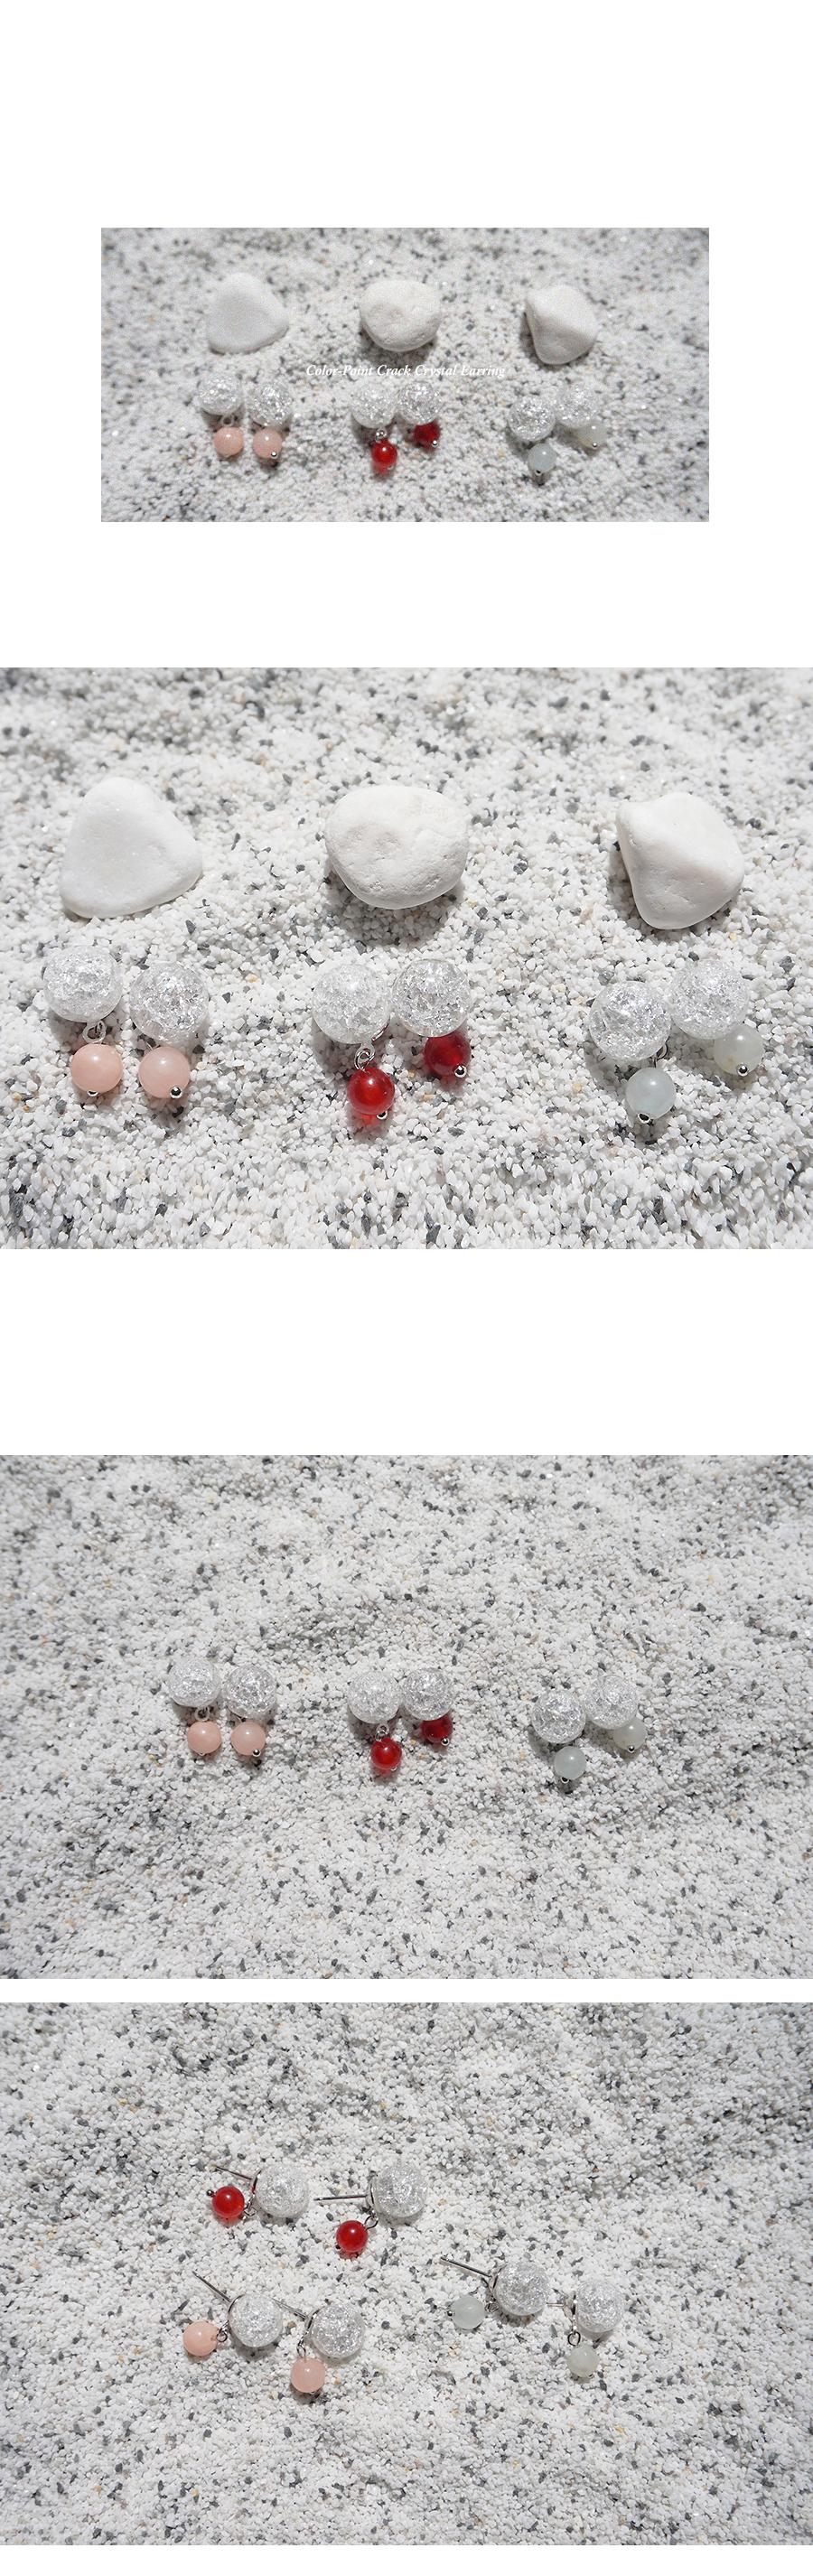 컬러 포인트 크랙수정 귀걸이 (3colors) - 무디루틴, 15,000원, 진주/원석, 드롭귀걸이